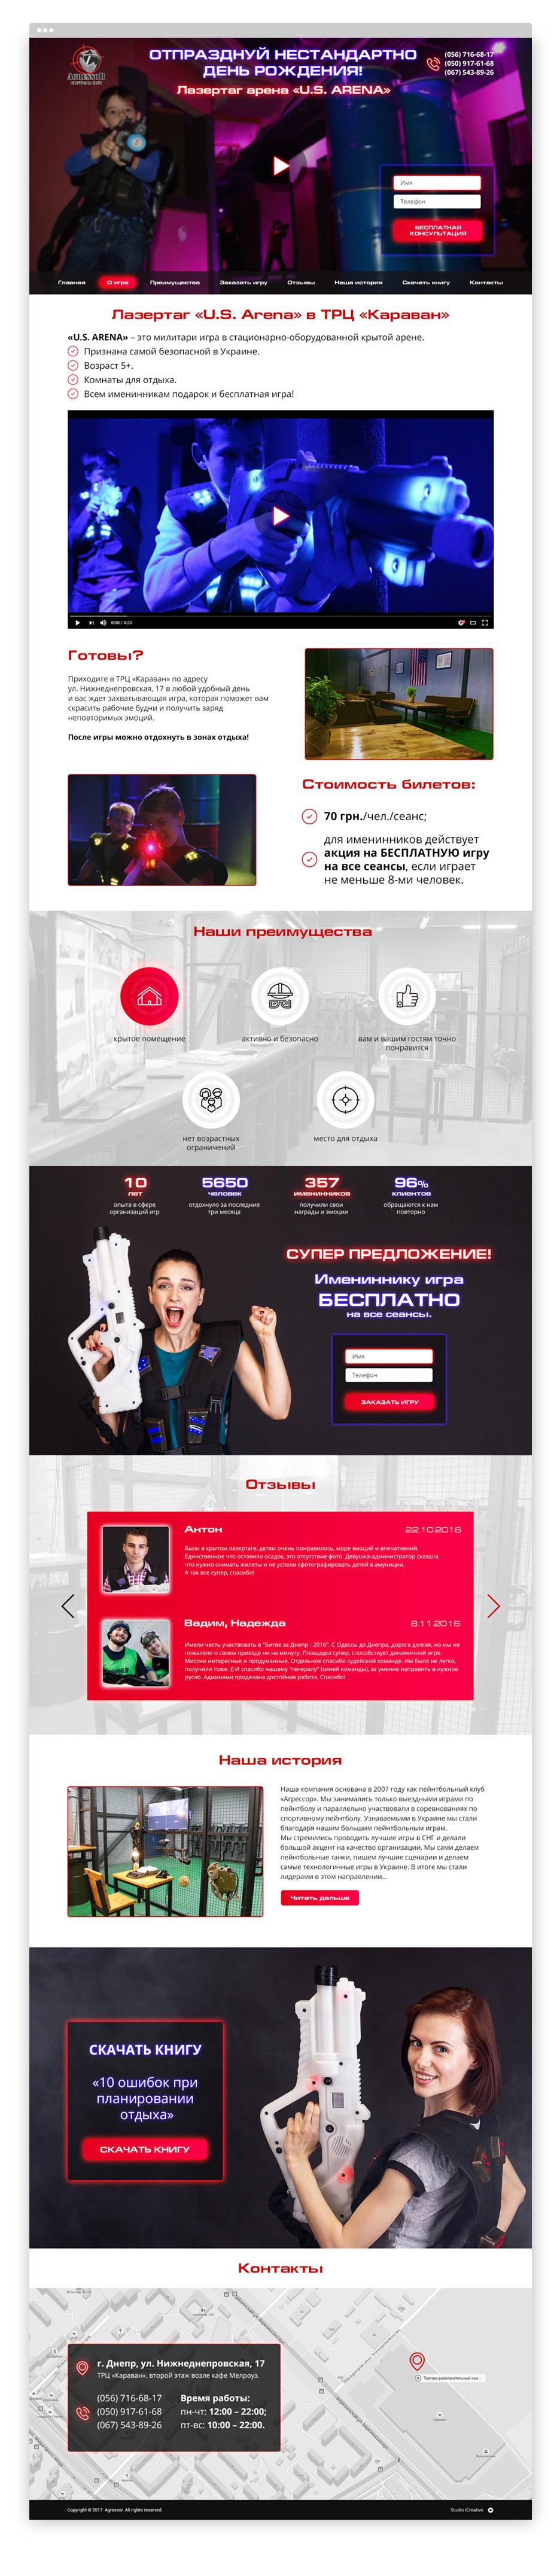 icreative.com.ua_agressor